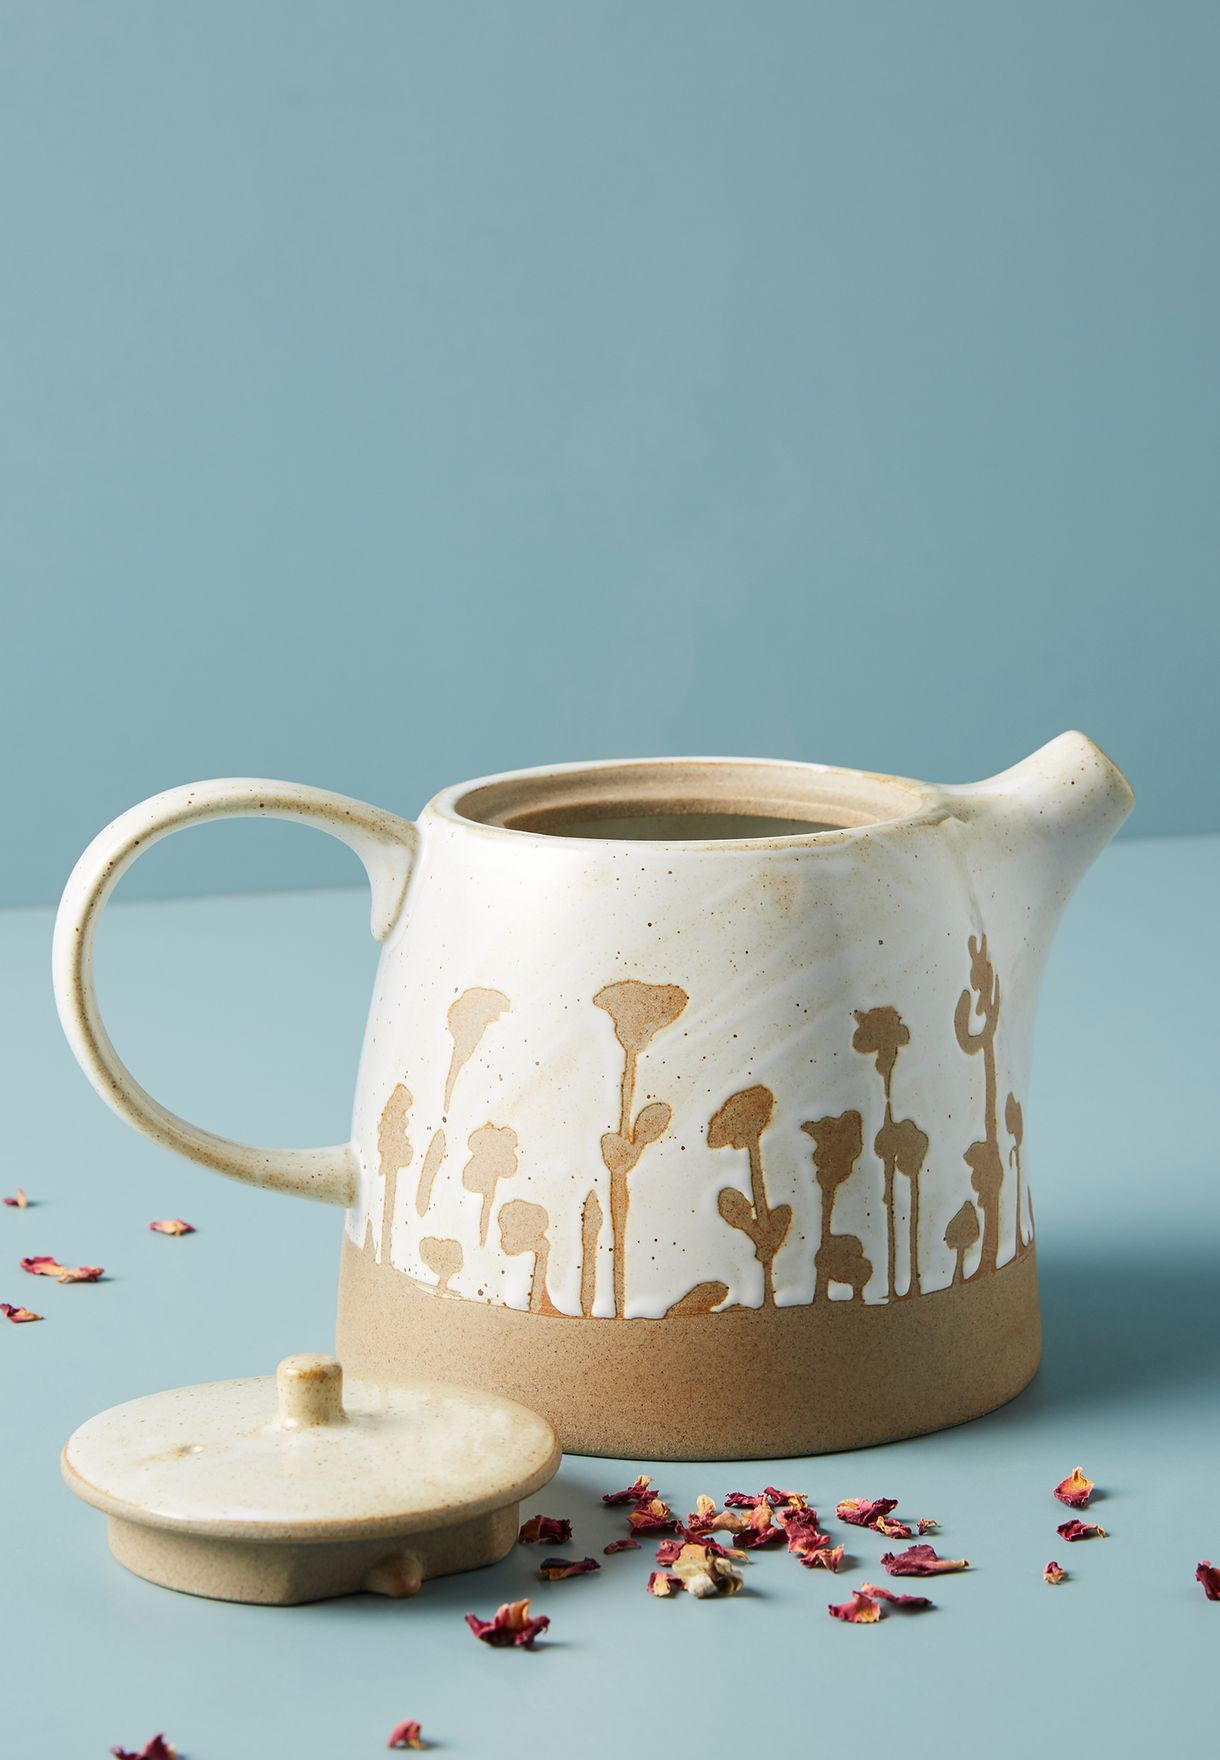 ابريق شاي بطباعة يدوية